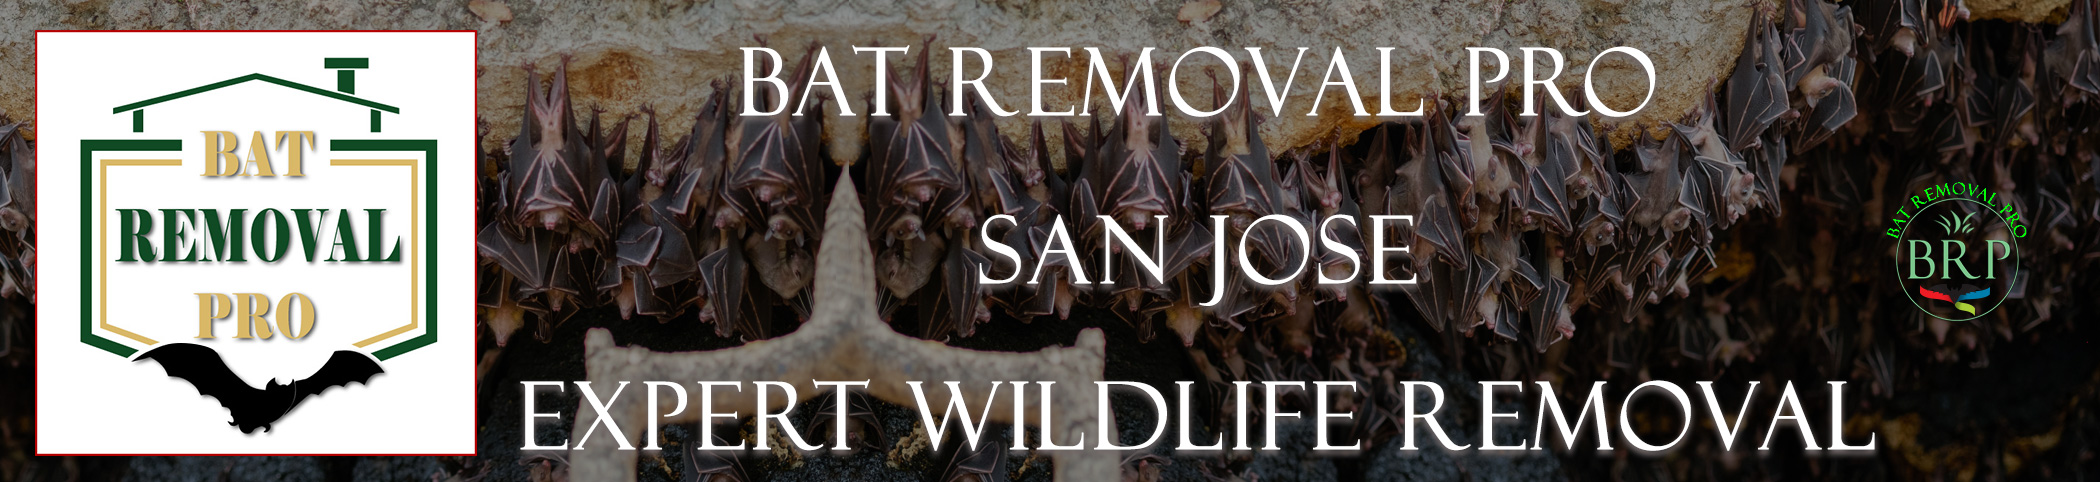 san jose california bat removal at bat removal pro